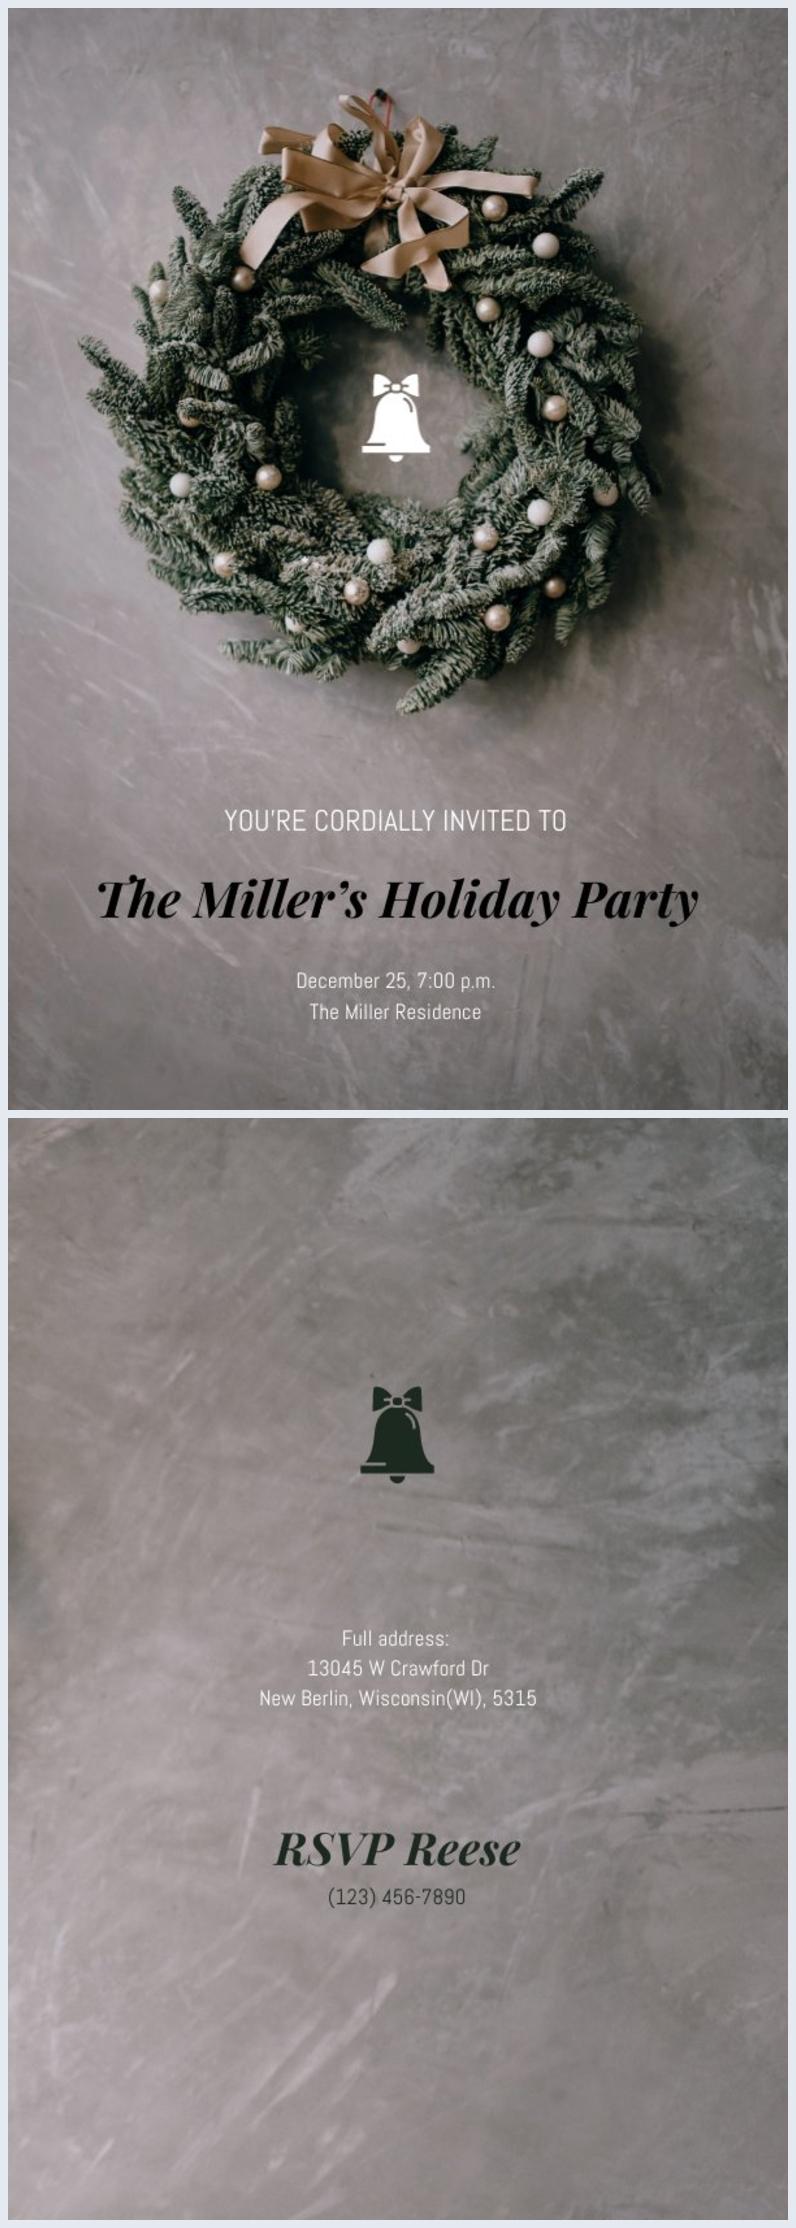 Minimalistisches Weihnachtsfeier-Flyer-Design